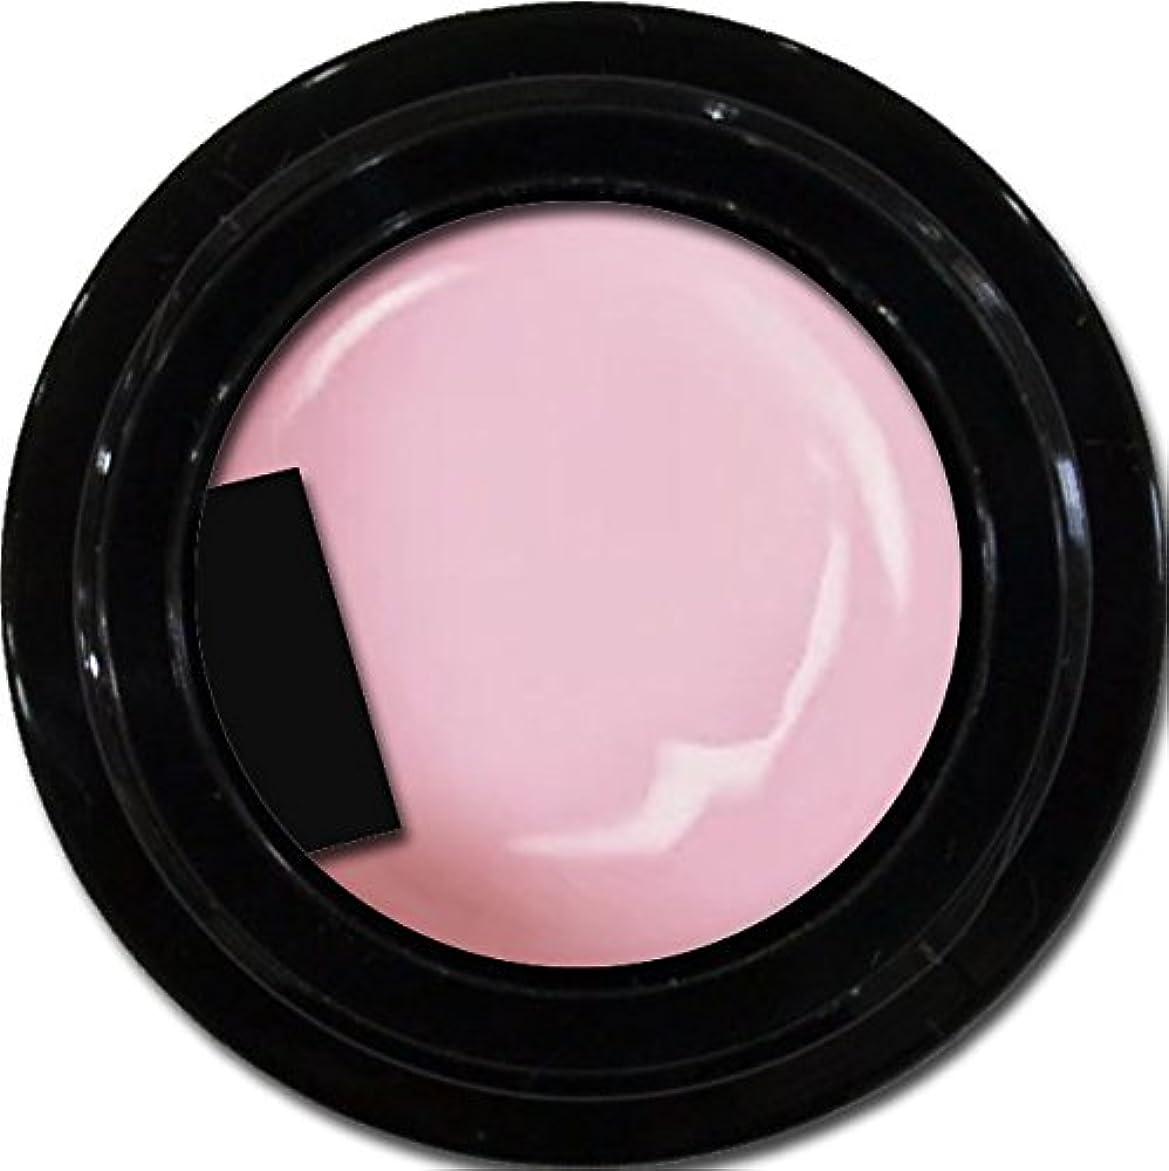 カラージェル enchant color gel M208 StrawberryCheesecake 3g/ マットカラージェル M208ストロベリーチーズケーキ 3グラム